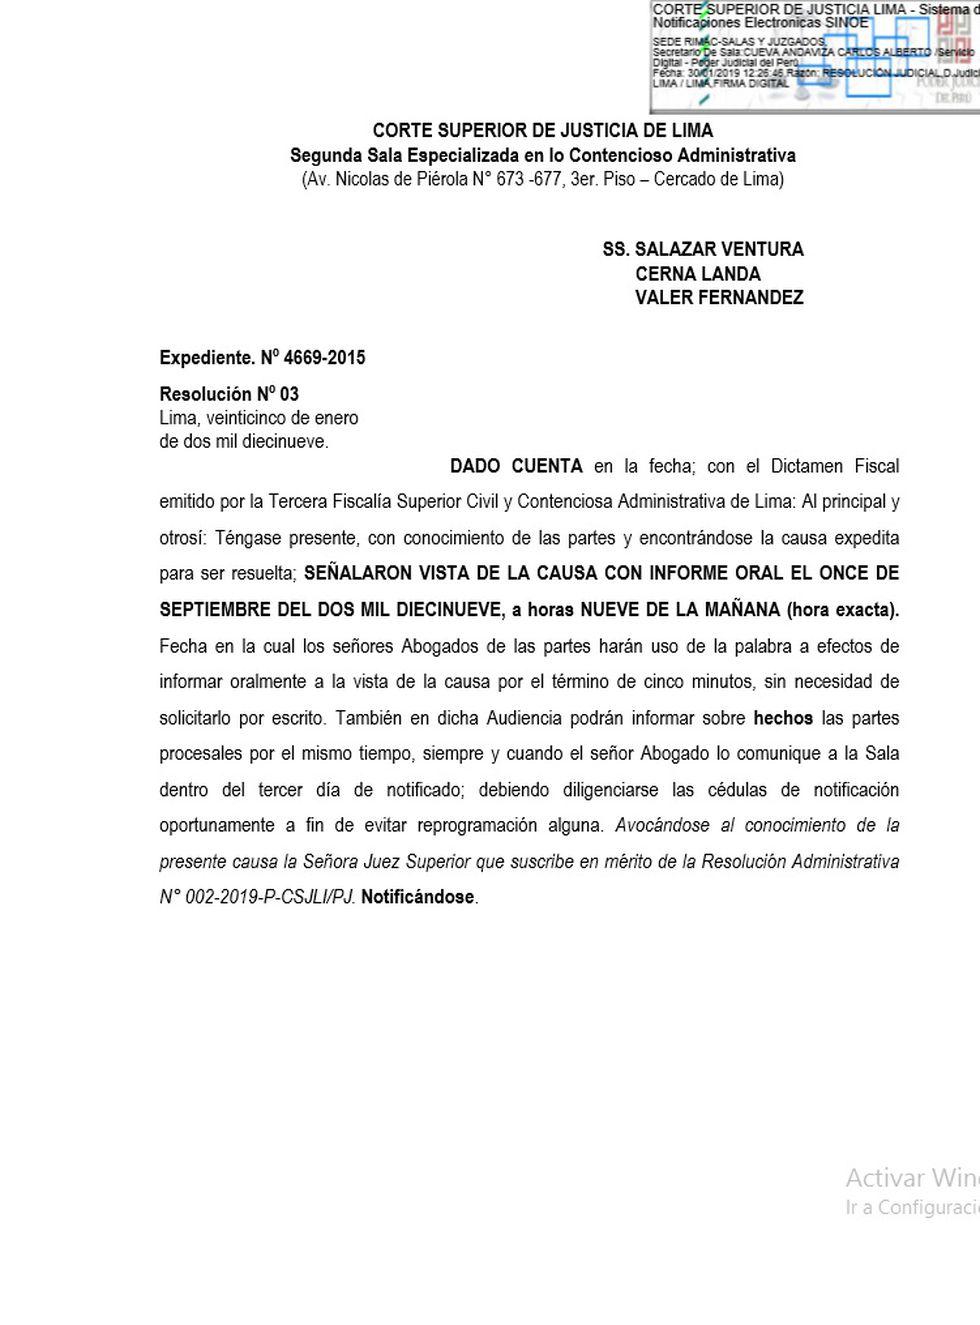 Resolución que convoca a audiencia por apelación de Alianza Por el Progreso (APP)